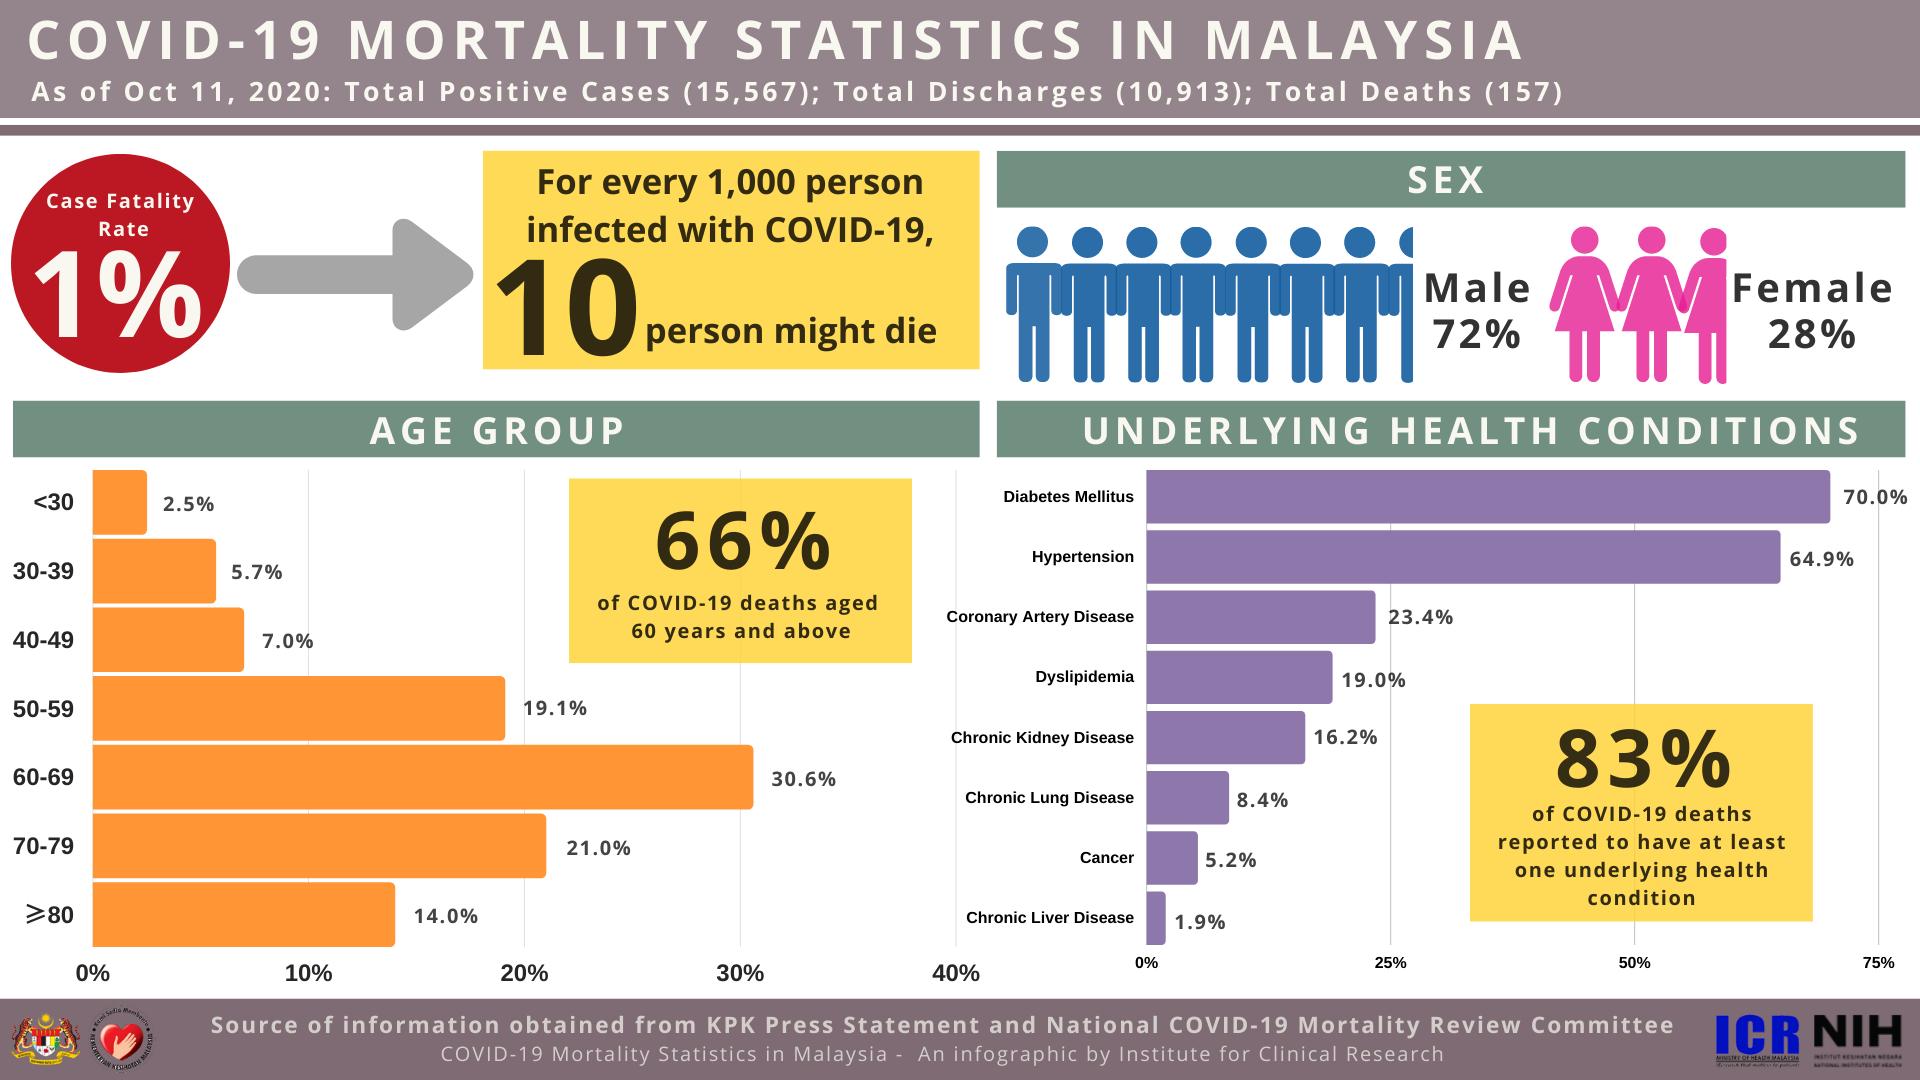 COVID-19 Mortality Statistics in Malaysia